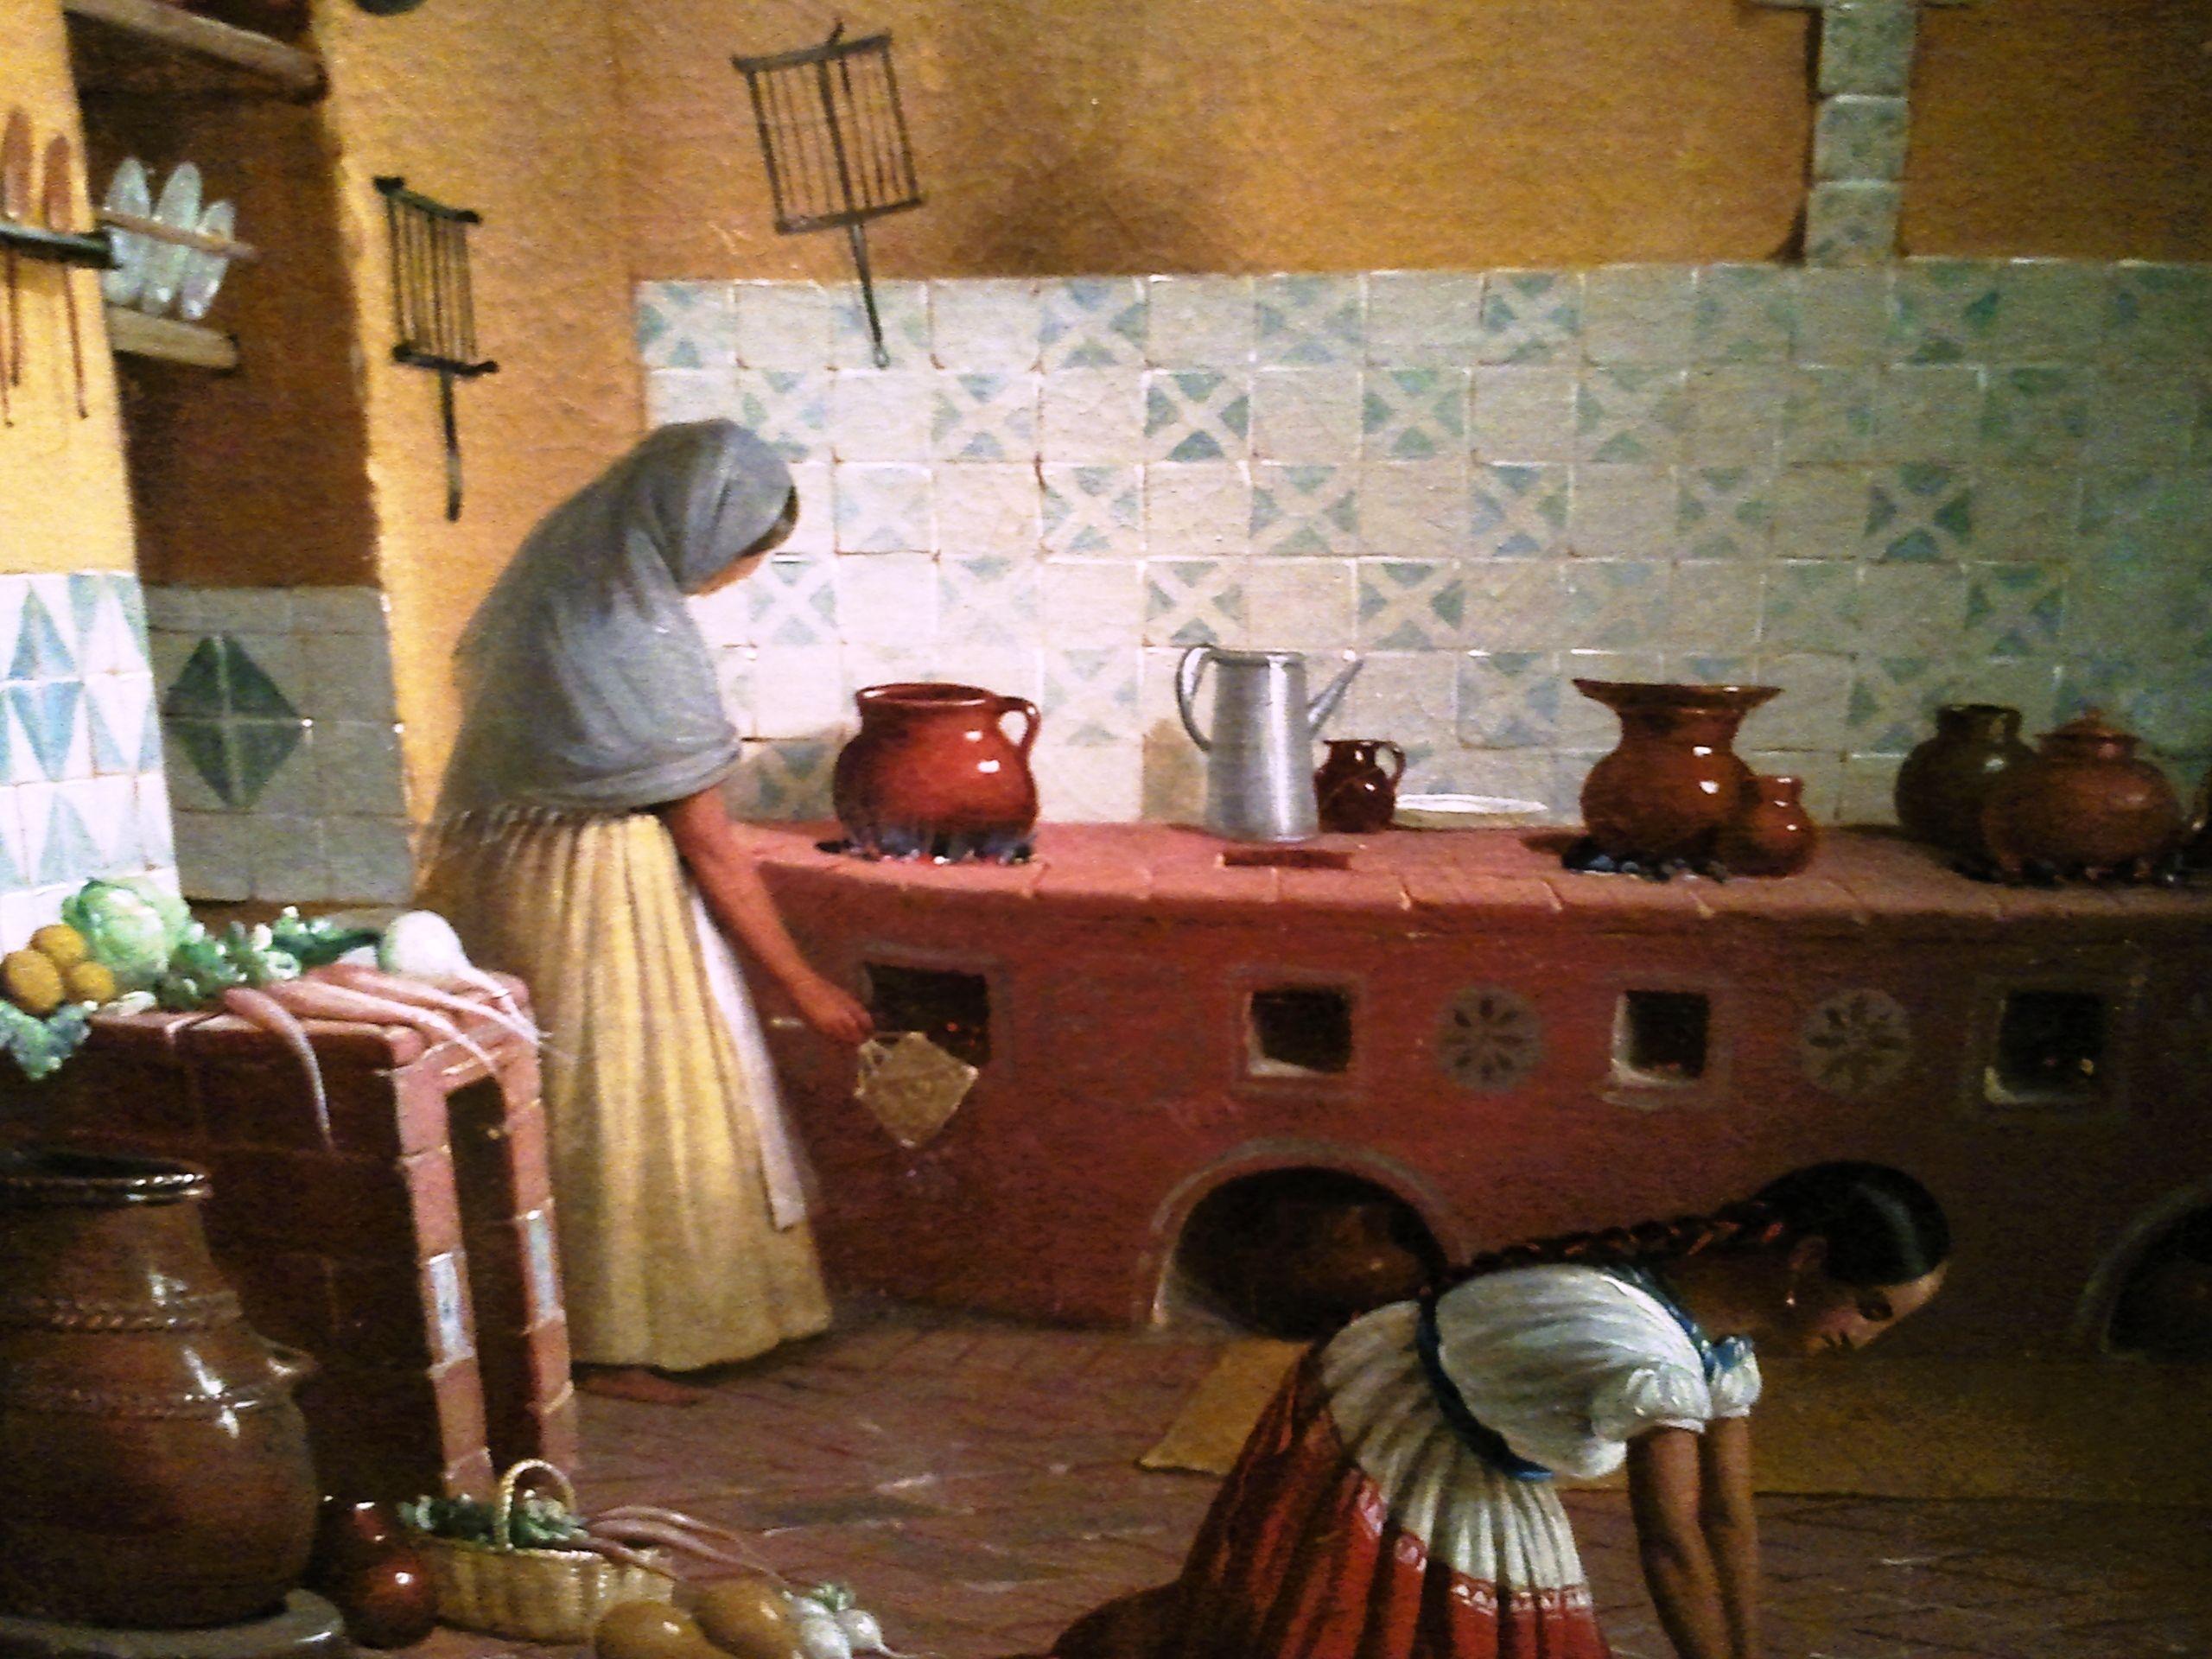 Cocina Mexicana Cocinas Pinterest Cocinas Mexicanas  # Muebles De Cocina Neftali